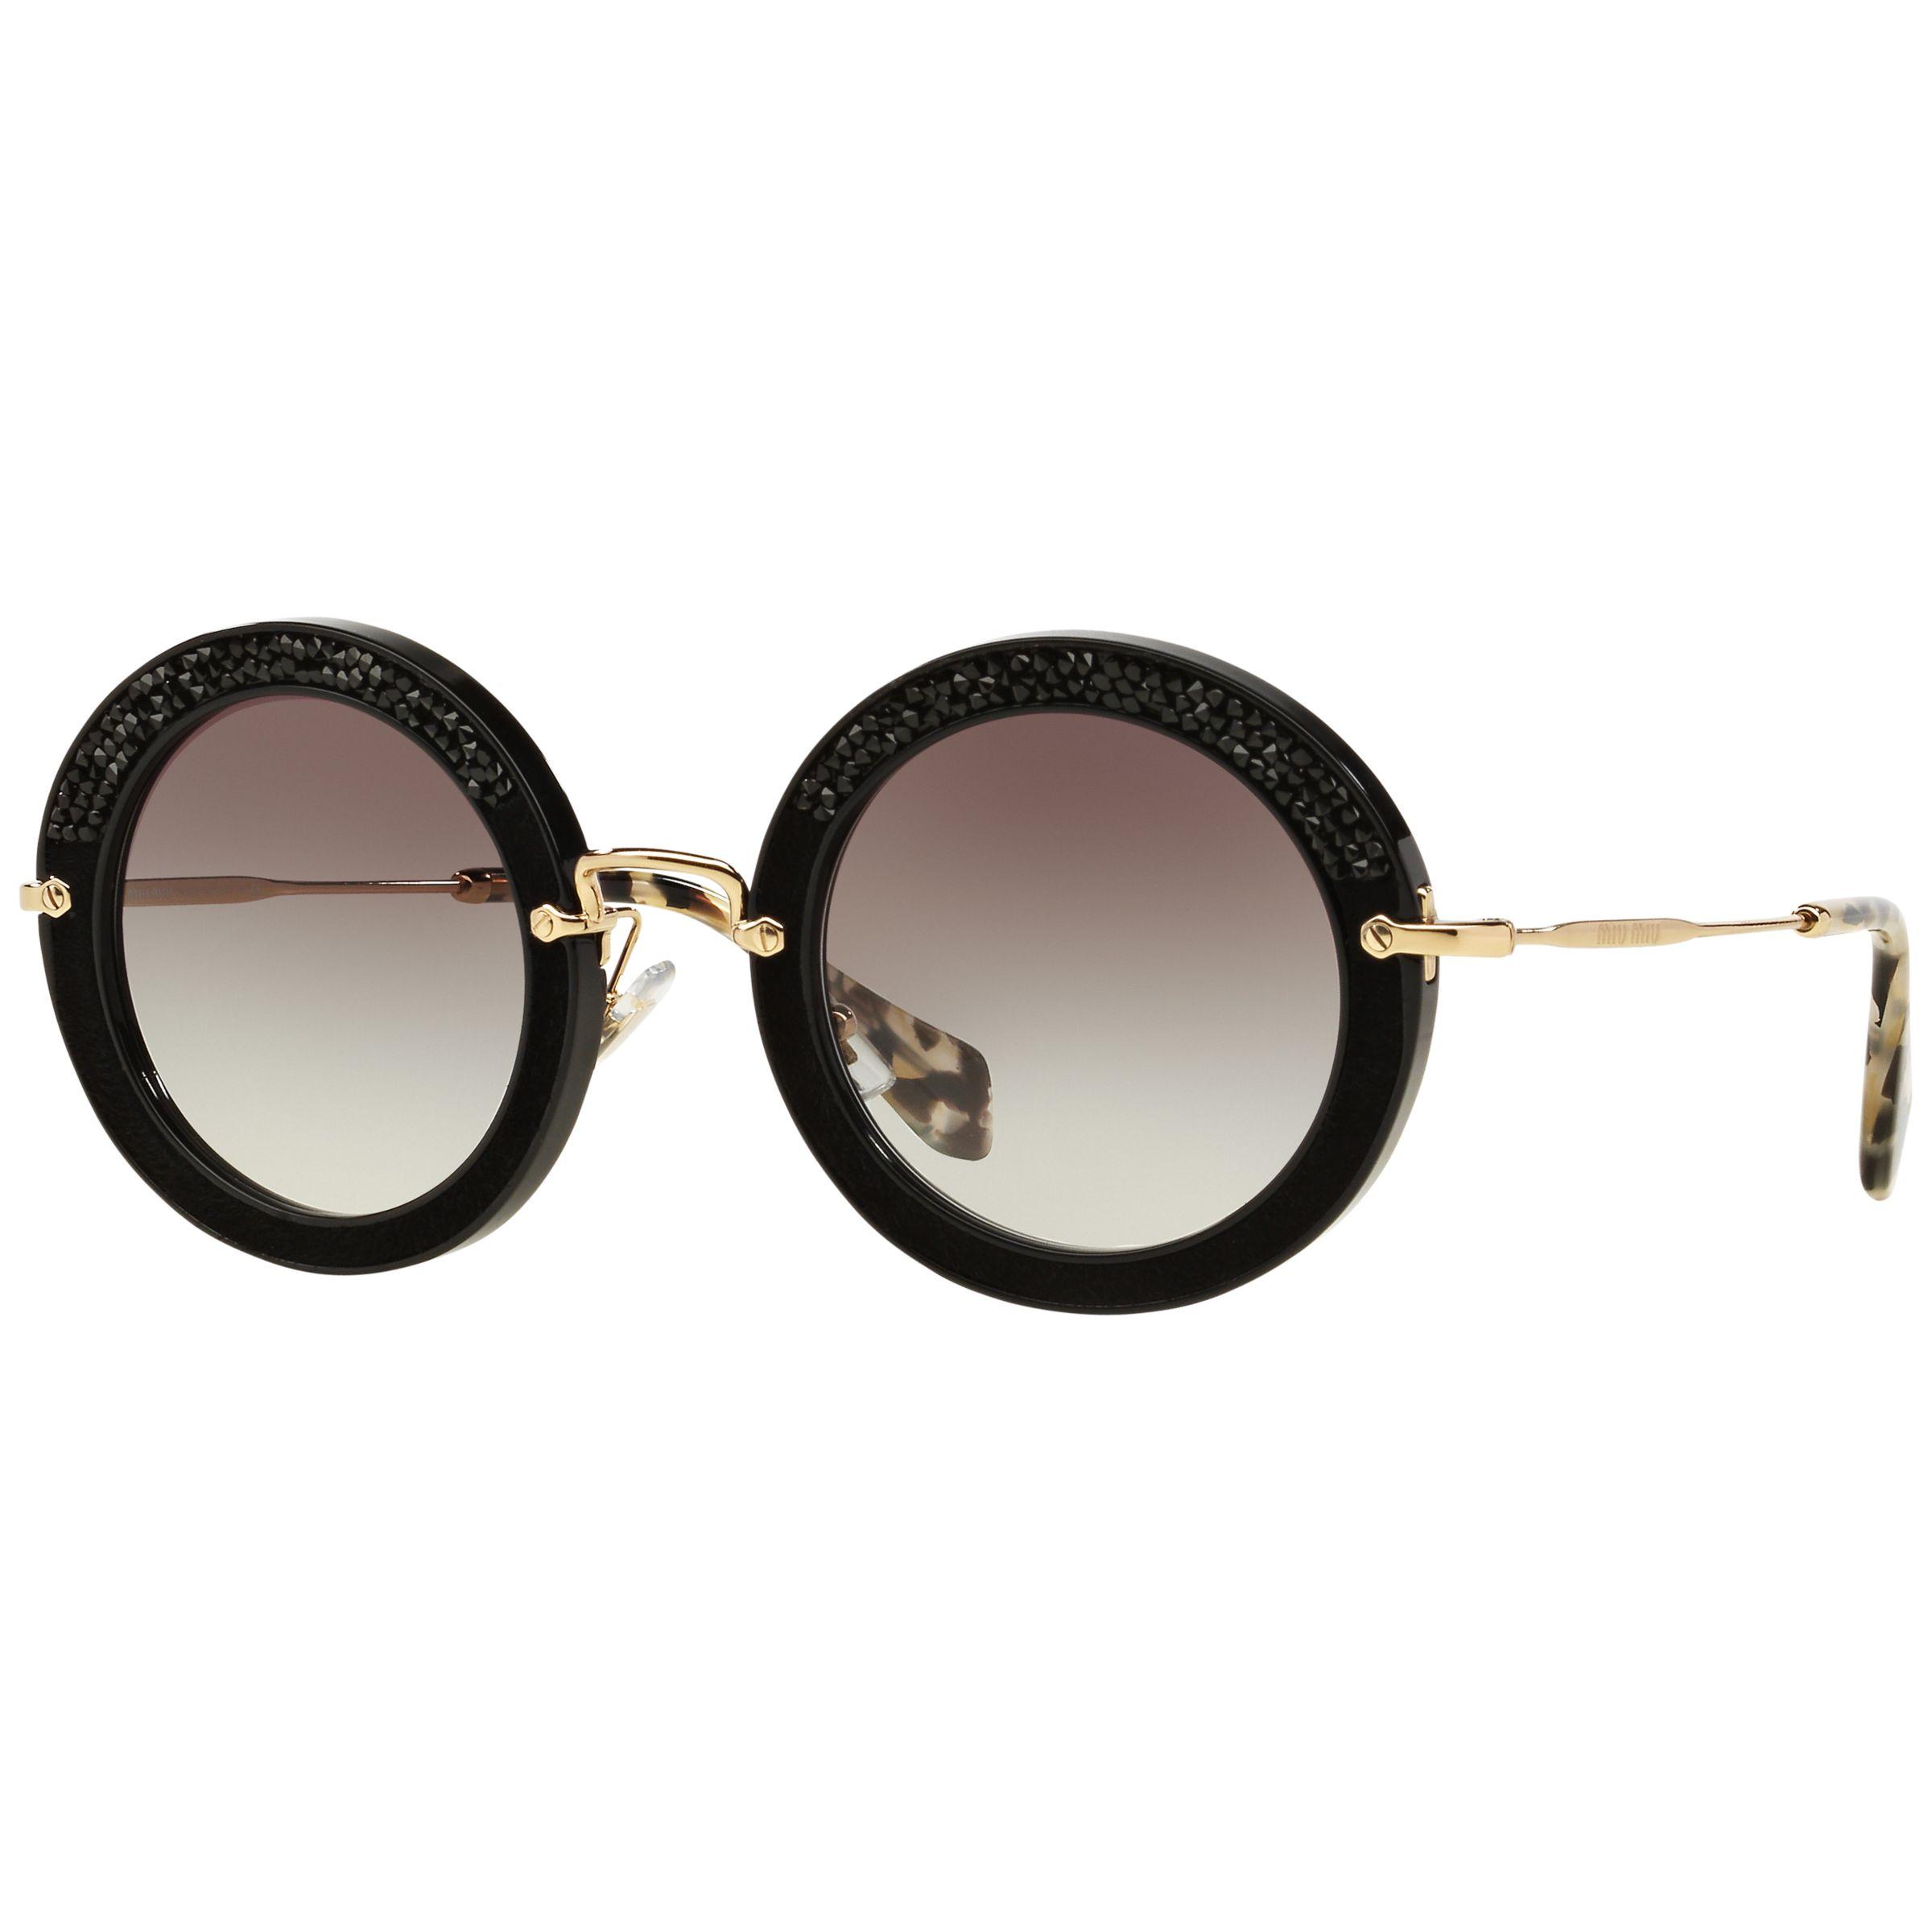 Miu Miu Miu Miu MU80RS Round Metal Frame Sunglasses, Black